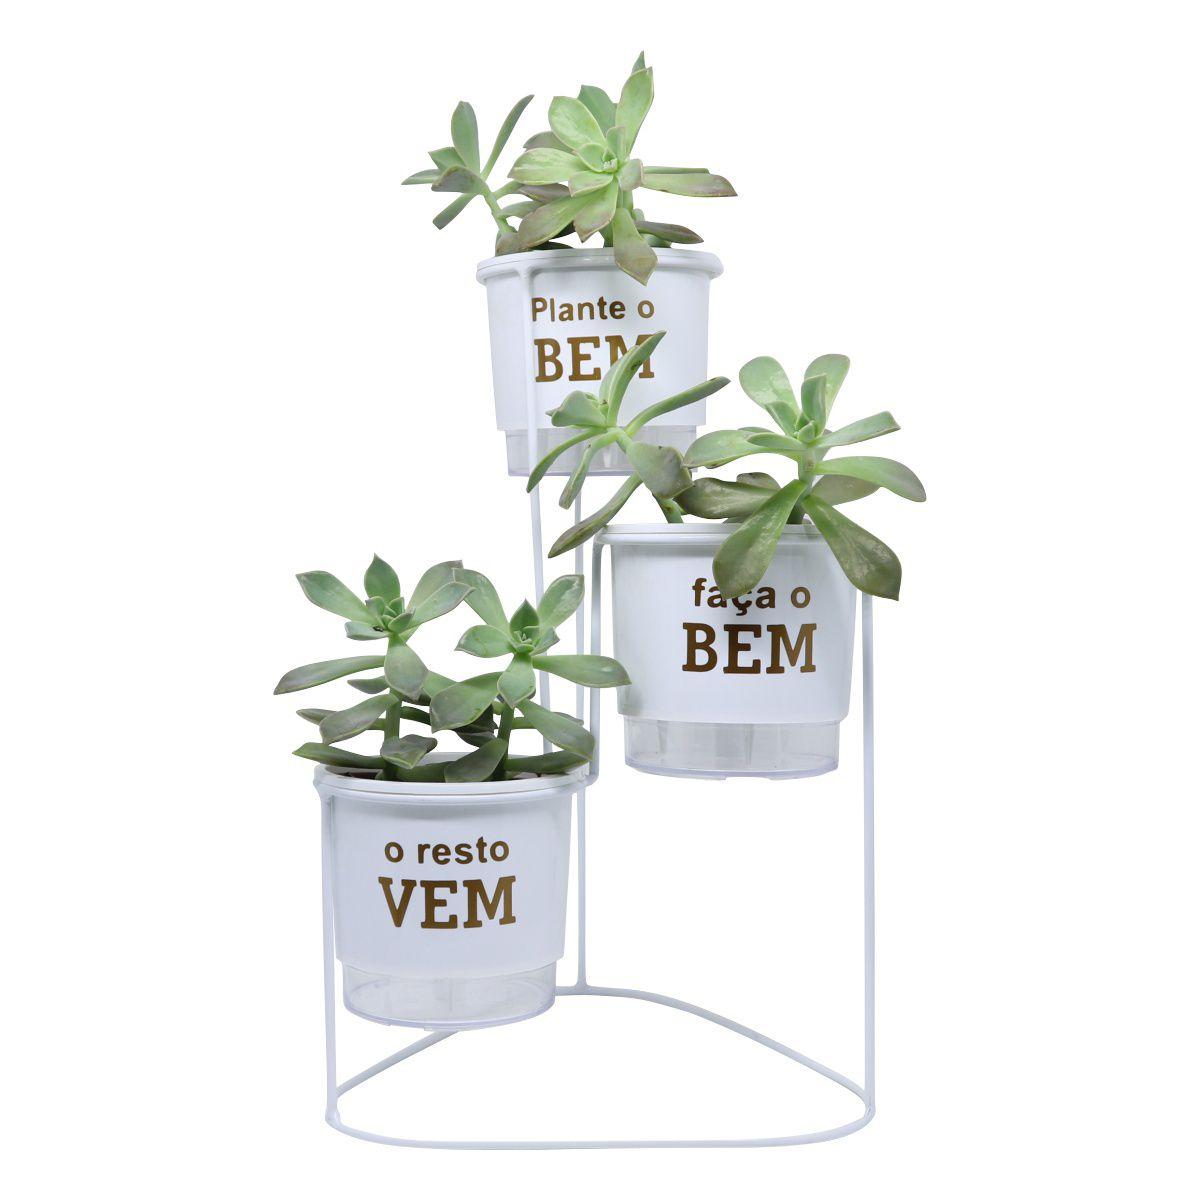 Kit Suporte Aramado Cascata Branco 40cm + 03 Vasos Autoirrigáveis Plante o Bem N02 Pequenos Raiz Branco